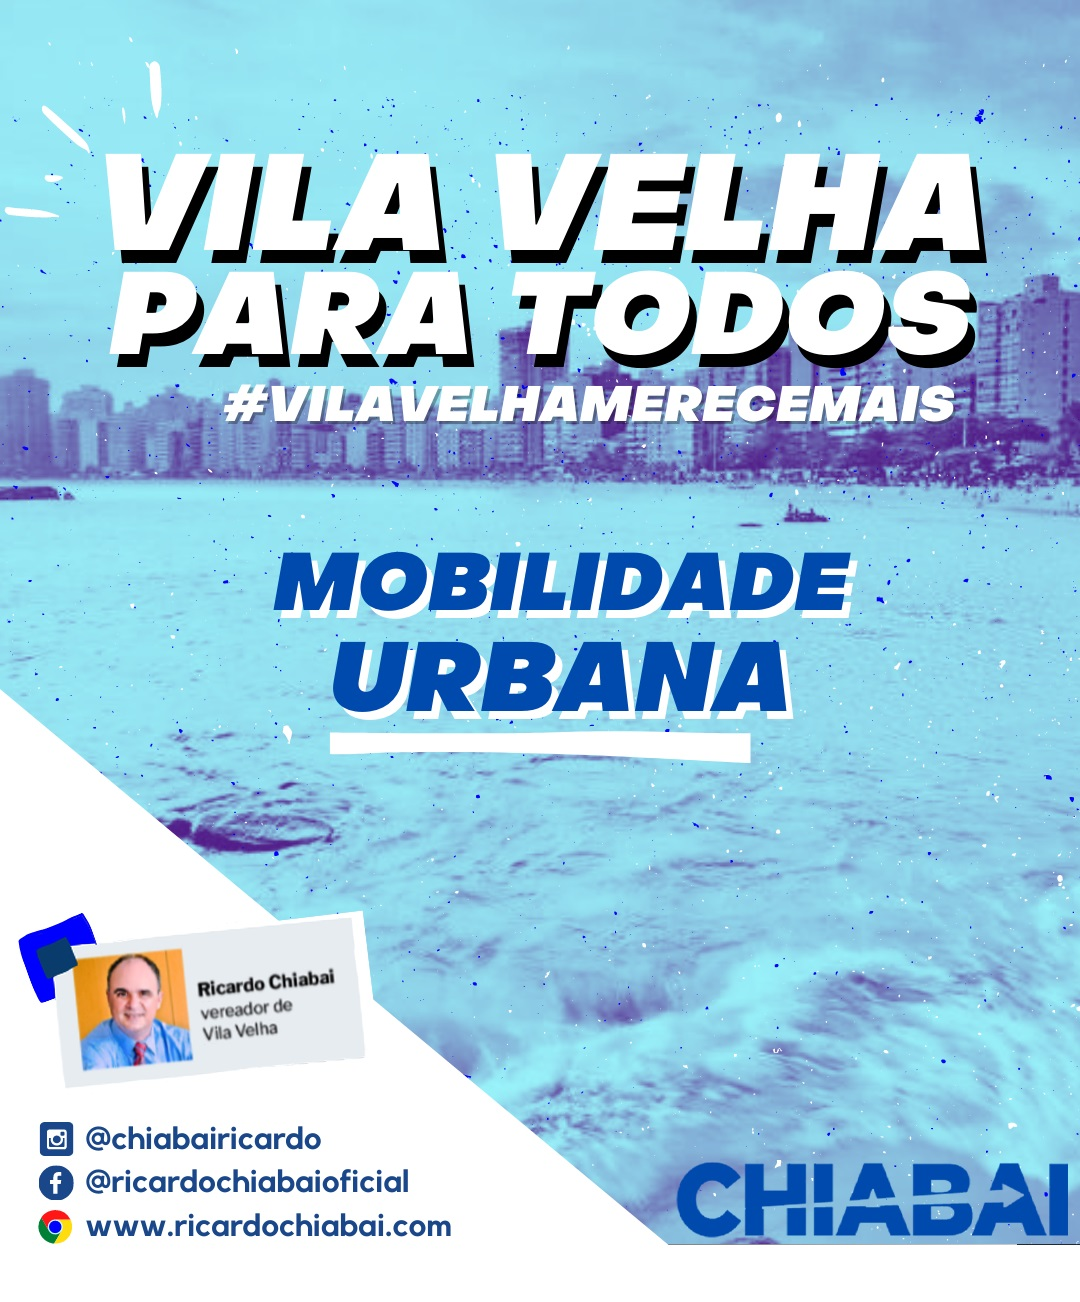 Vila Velha para todos: Mobilidade Urbana